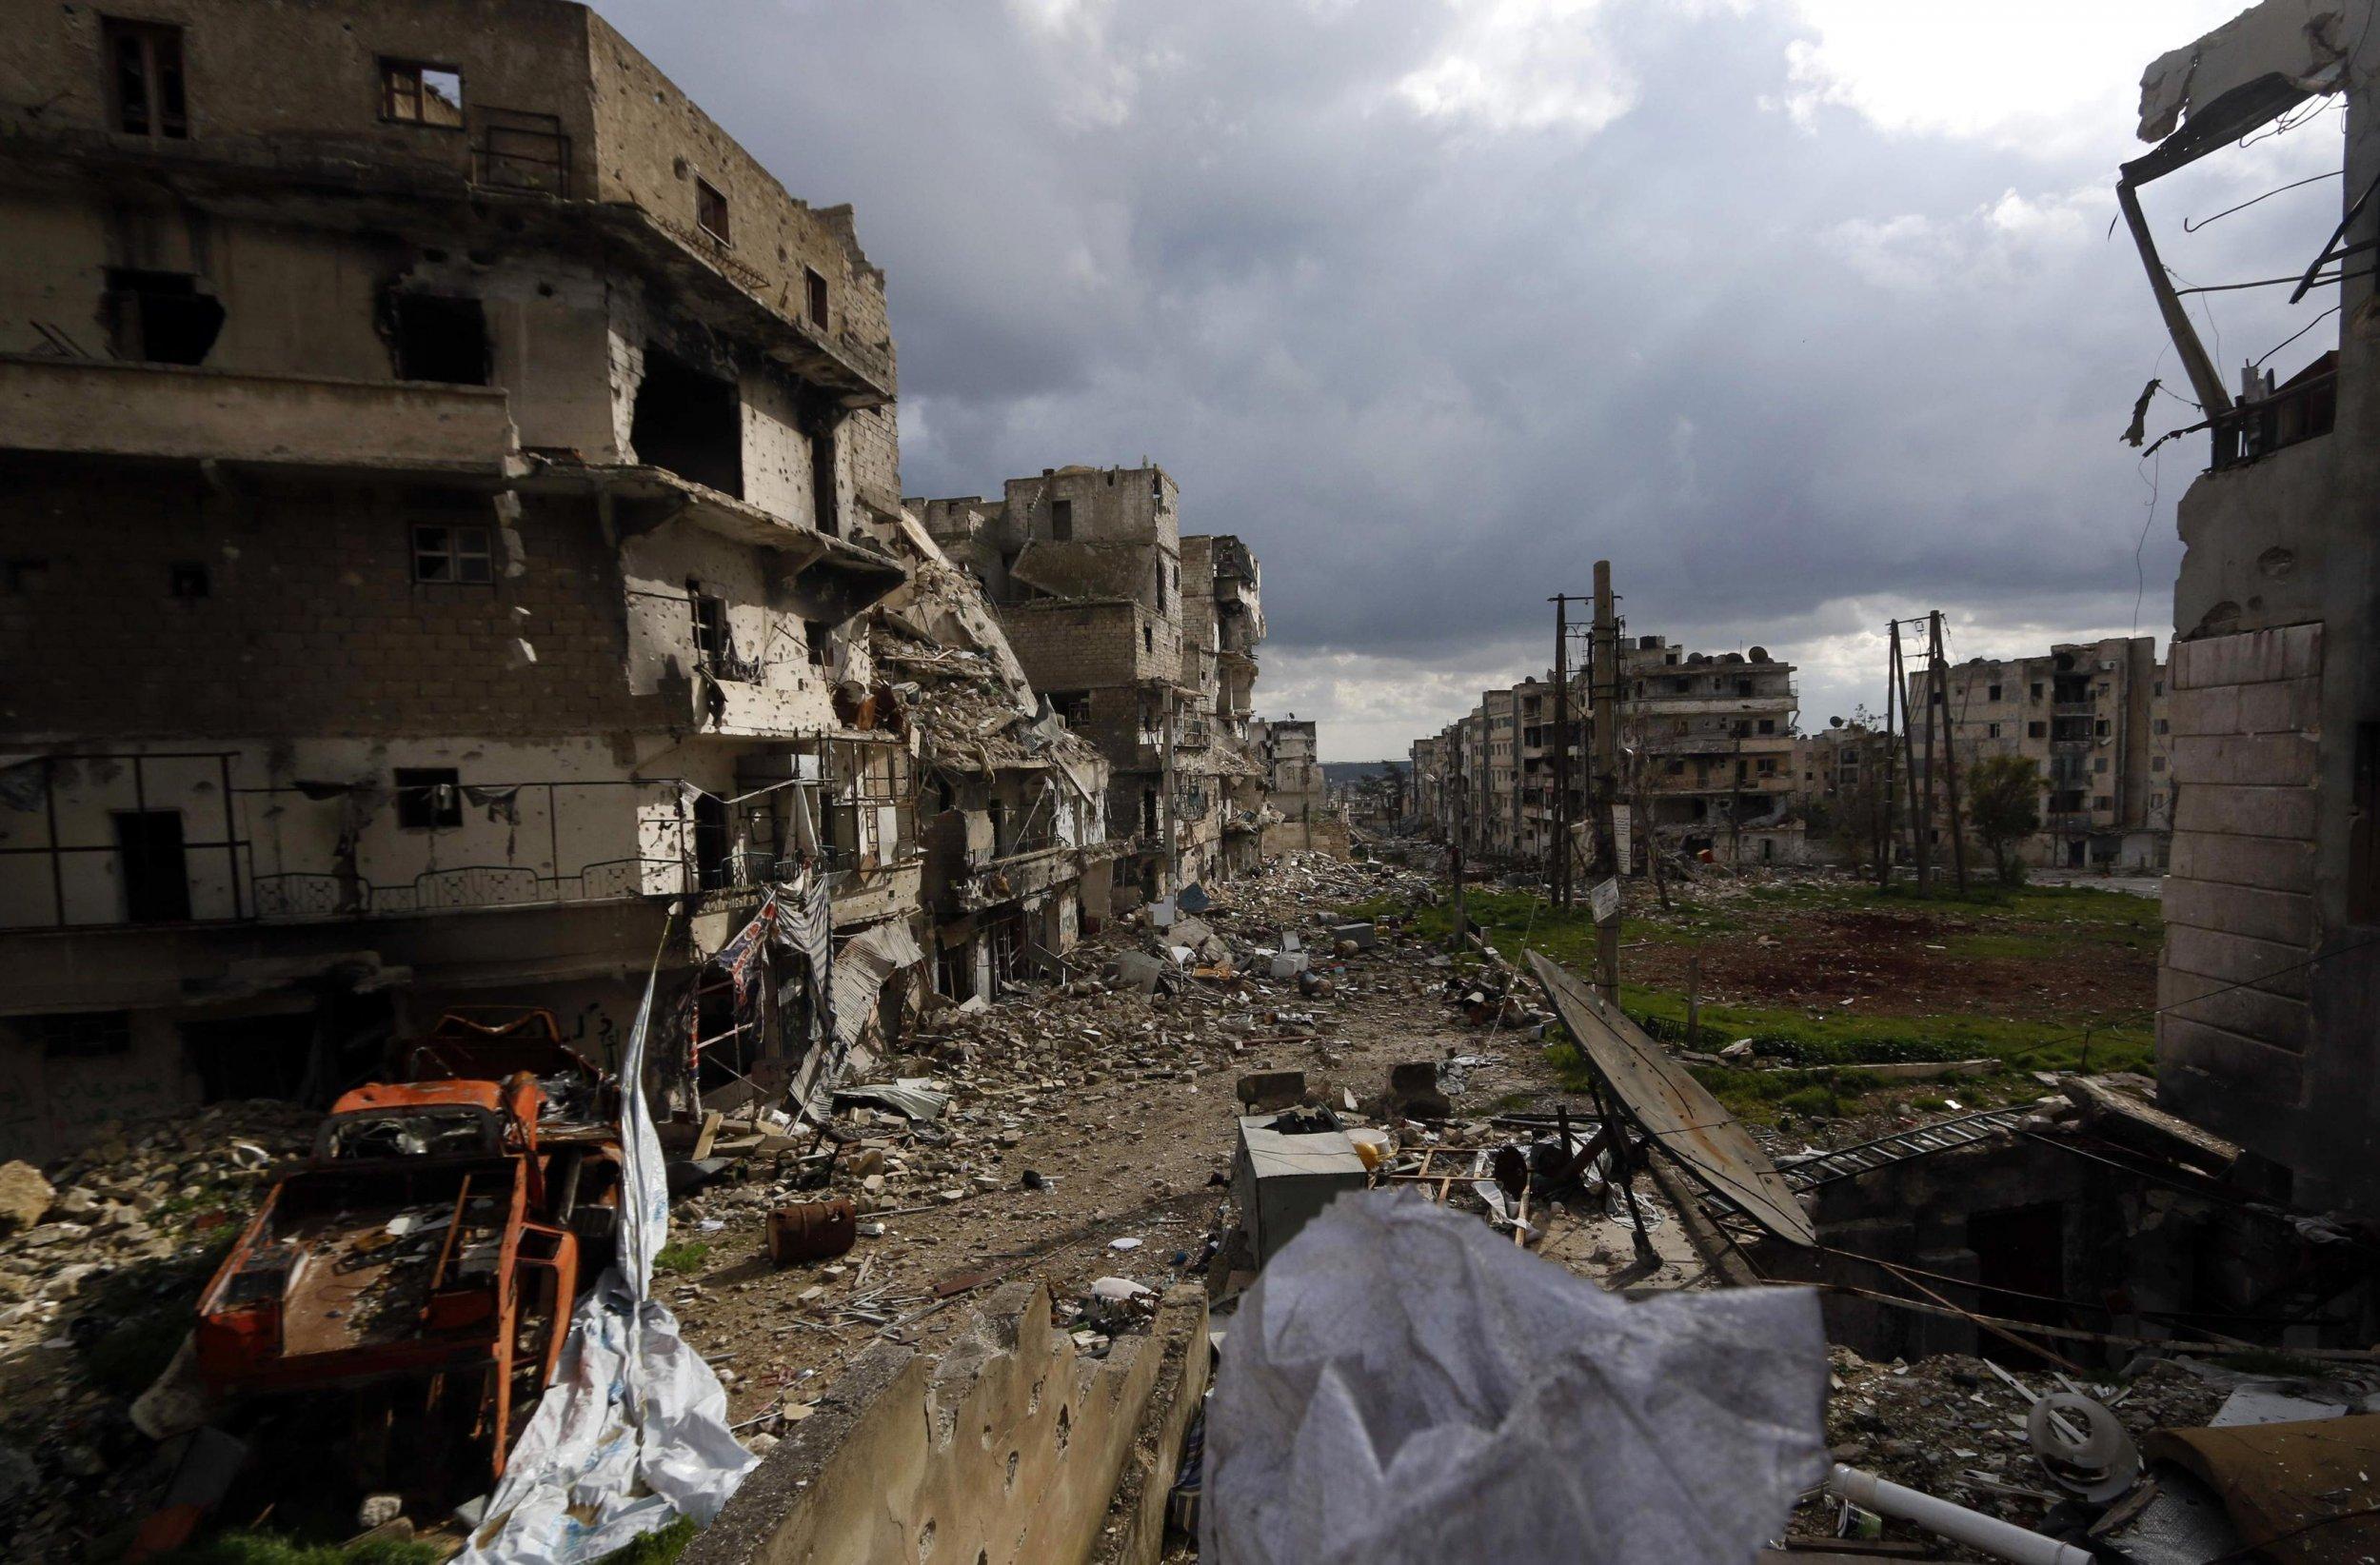 2015-03-03T153428Z_596483202_GM1EB331TEG01_RTRMADP_3_SYRIA-CRISIS